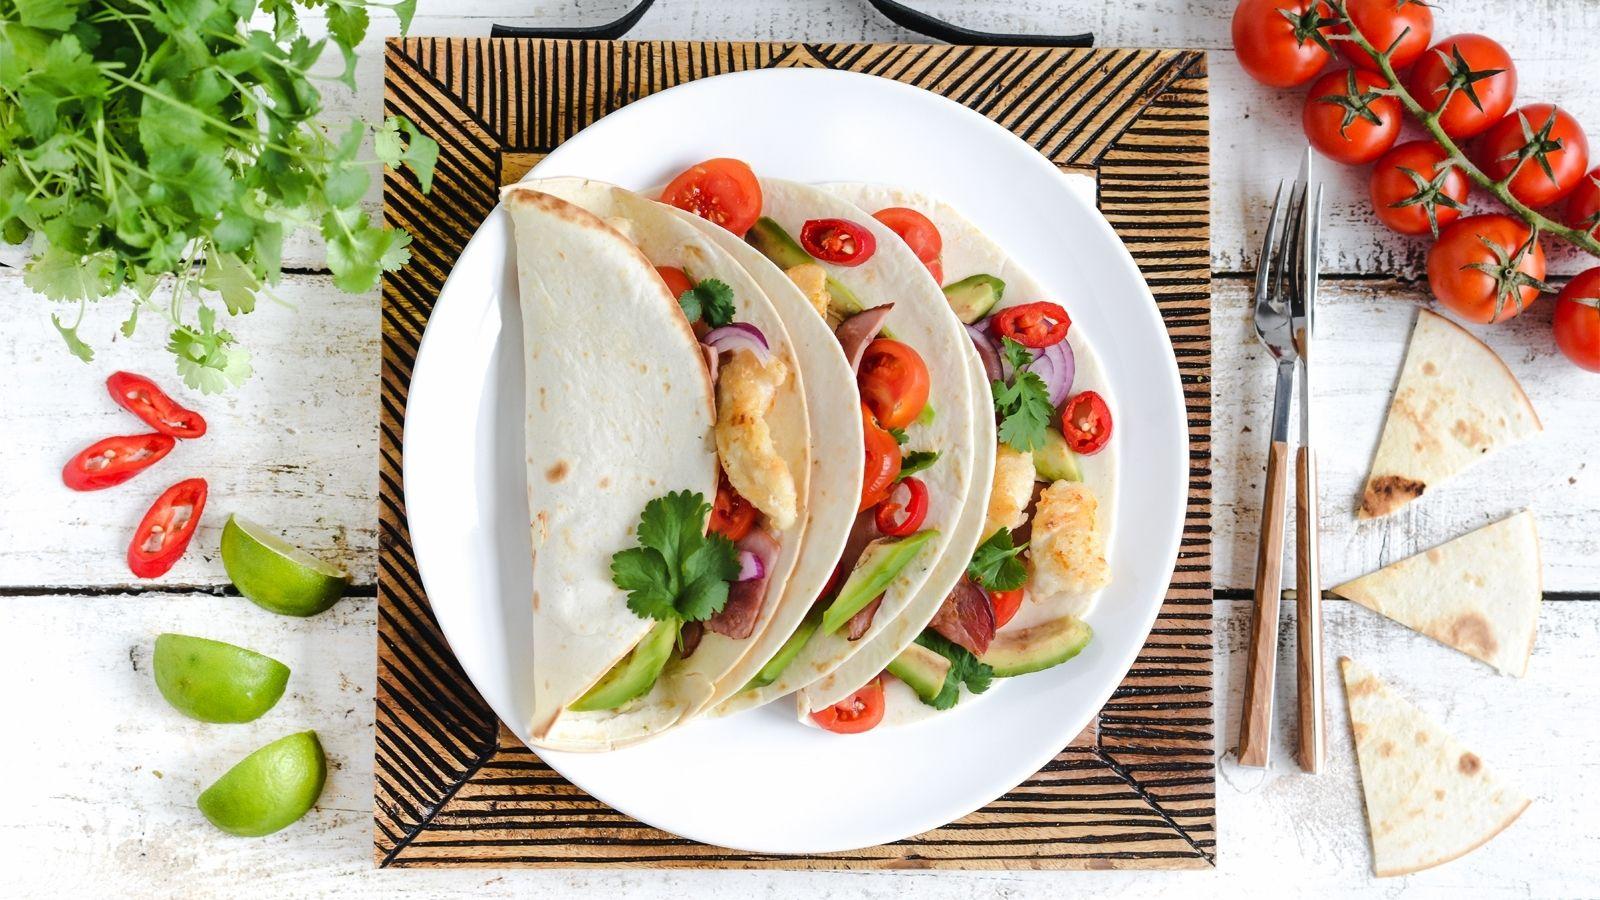 Tacos z kurczakiem, awokado, pomidorkami koktajlowymi, czerwoną cebulą, pieczoną szynką